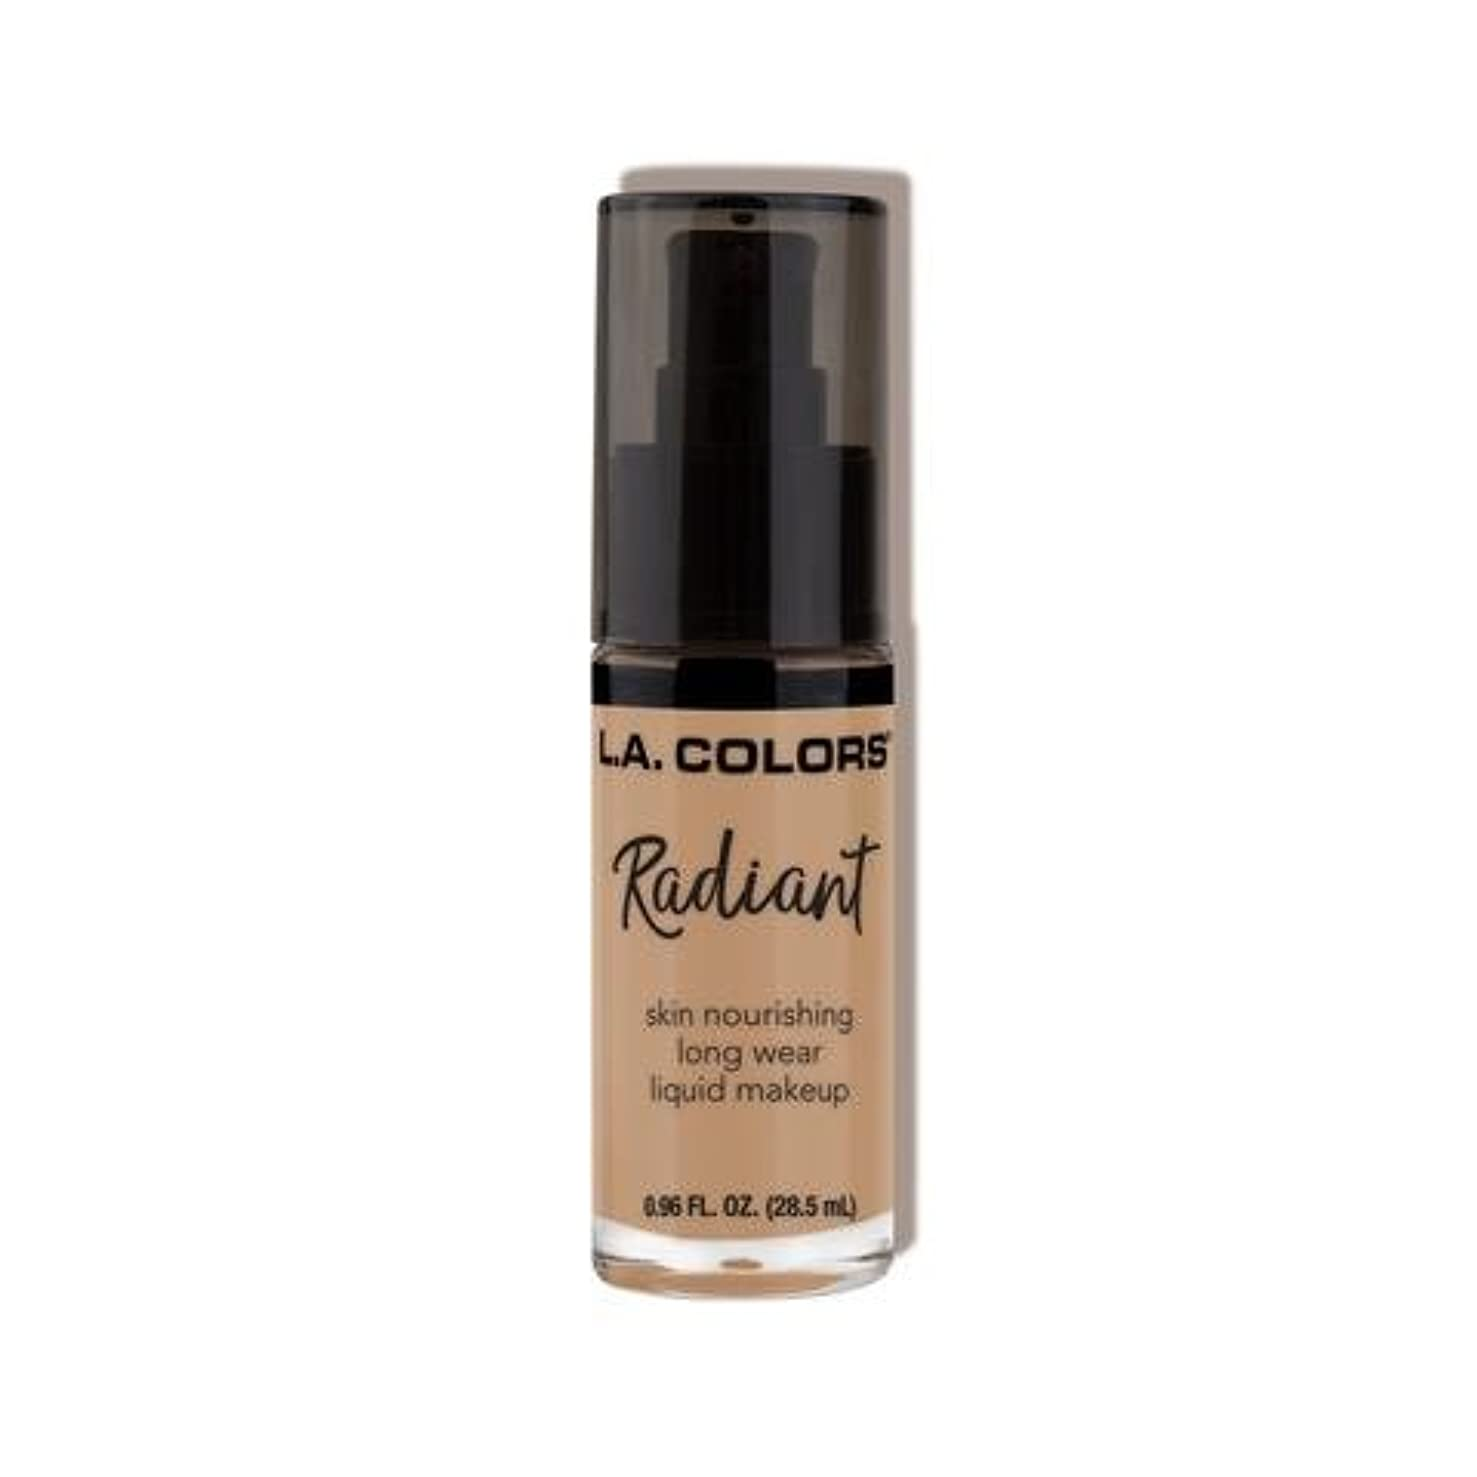 ジャンプする迷路商人(6 Pack) L.A. COLORS Radiant Liquid Makeup - Medium Beige (並行輸入品)